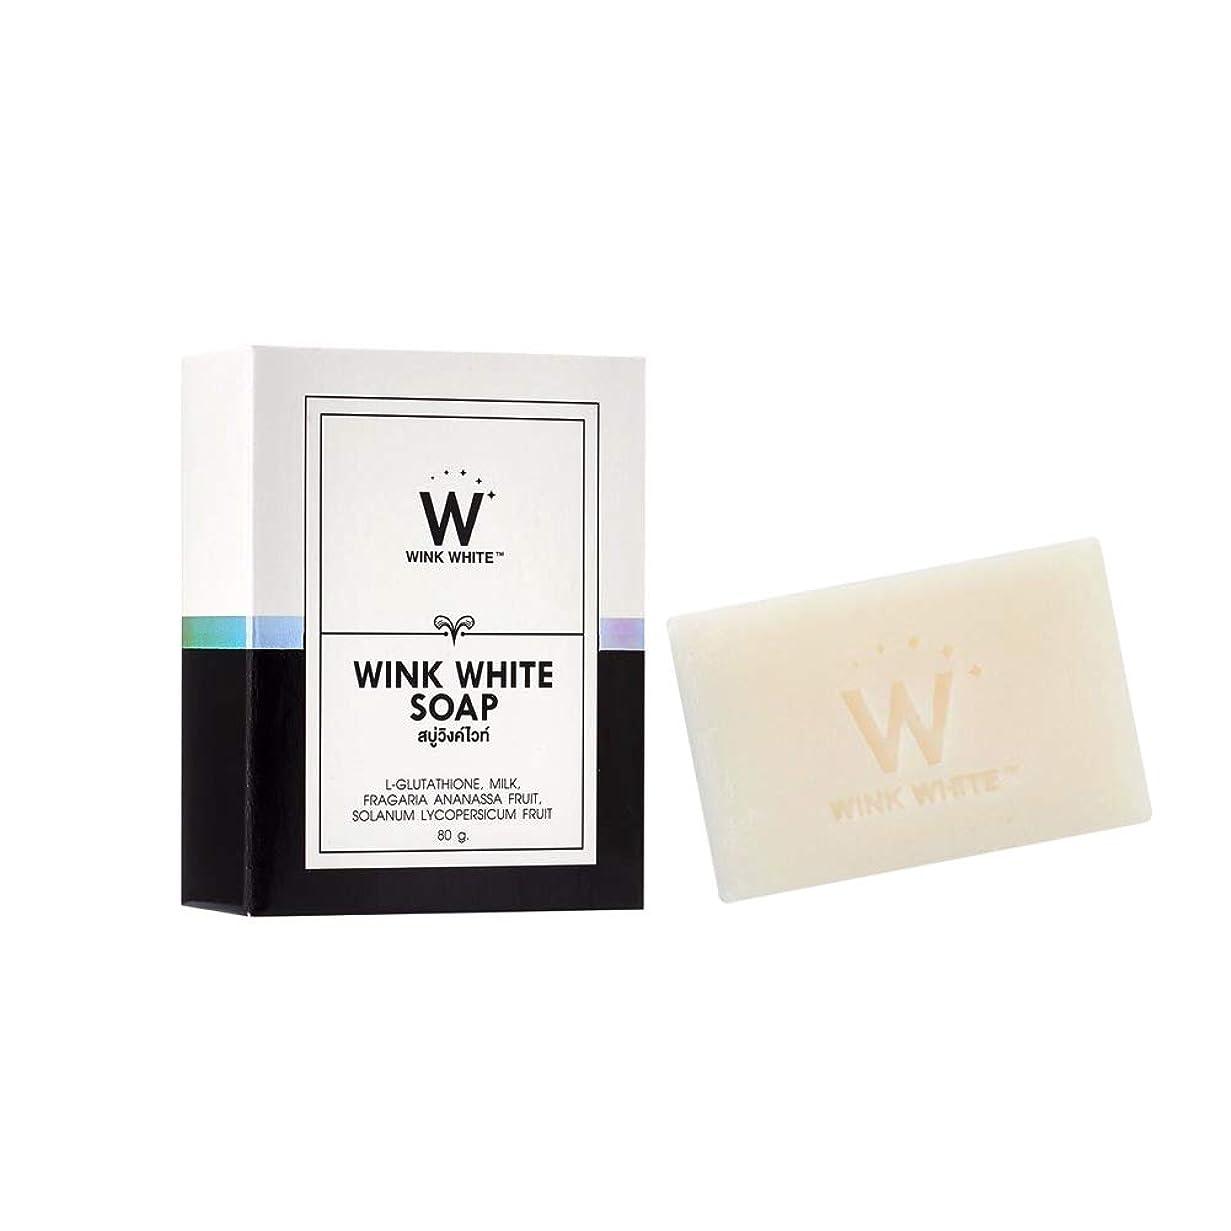 力電気陽性盟主Soap Net Nature White Soap Base Wink White Soap Gluta Pure Skin Body Whitening Strawberry for Whitening Skin All Natural Milled Goats Milk